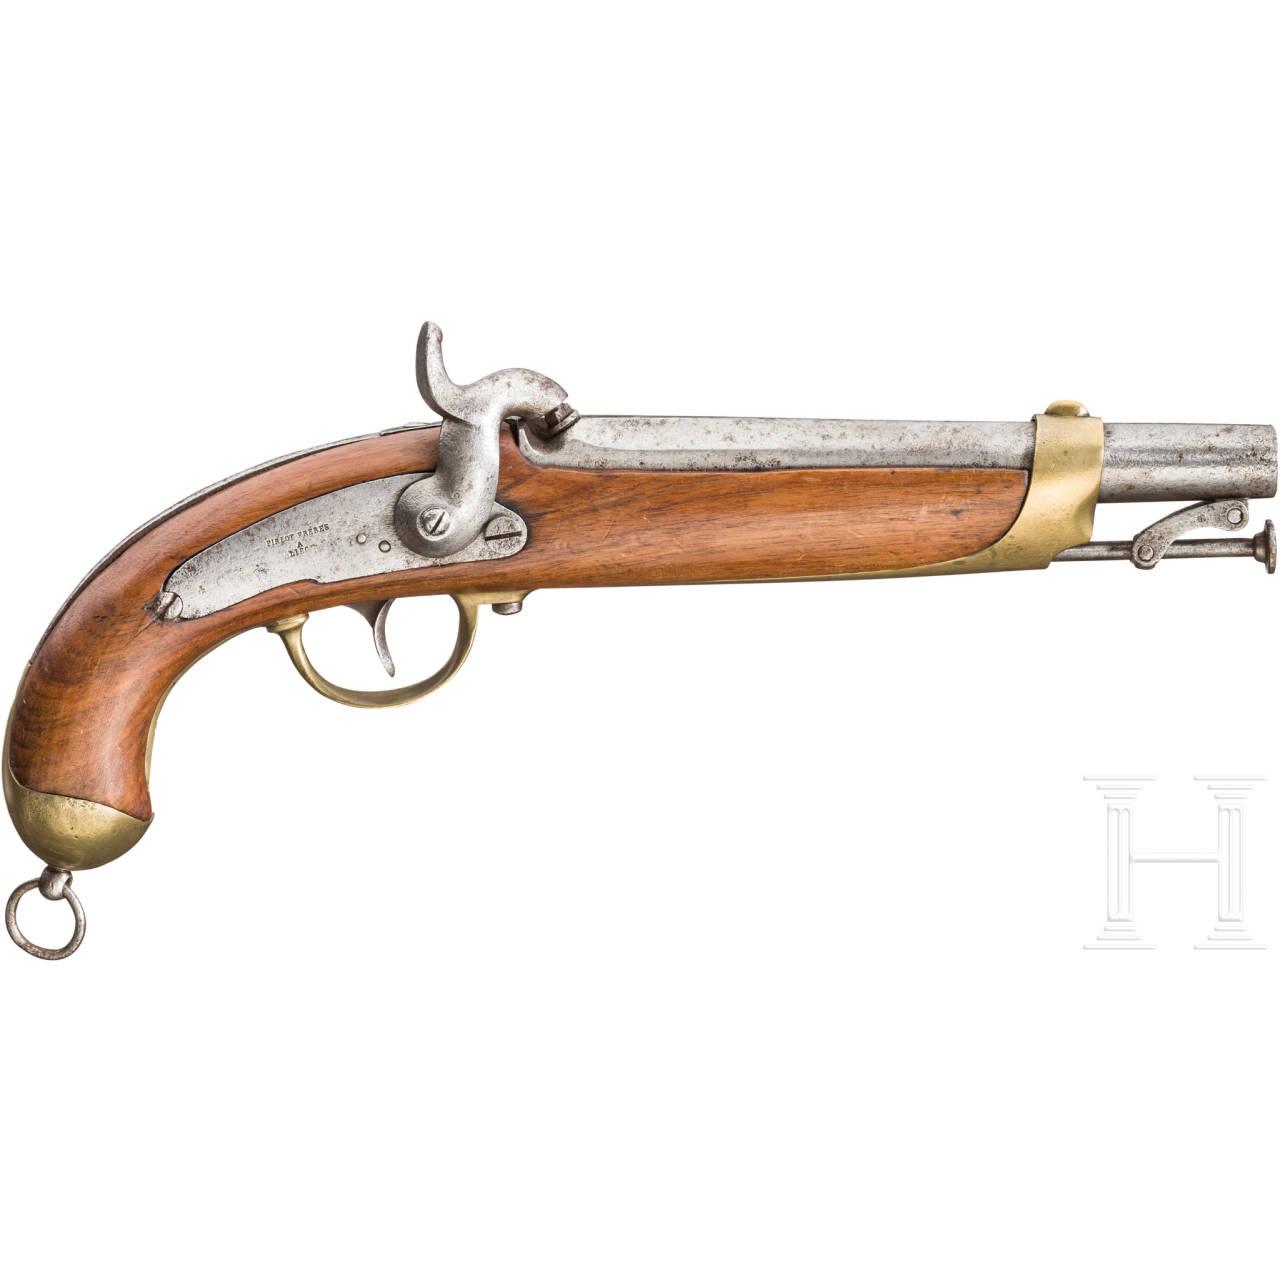 Militärische Perkussionspistole, Pirlot Freres, Lüttich, um 1860